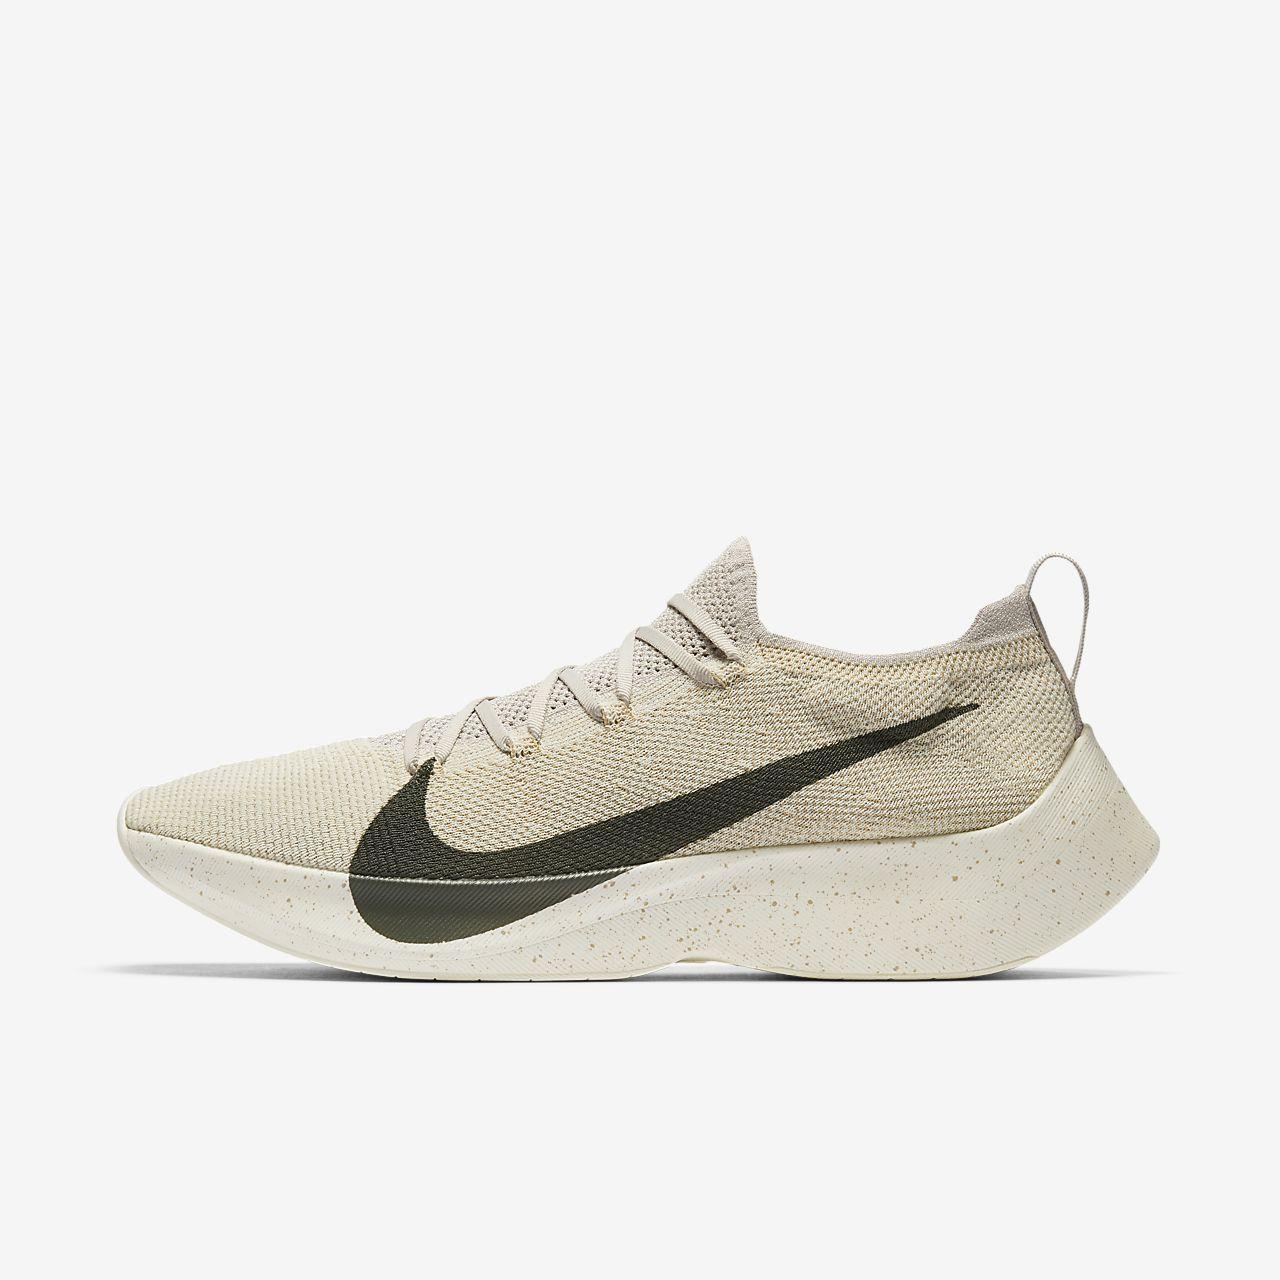 the latest 239ad 61ba7 ... Sko Nike React Vapor Street Flyknit för män